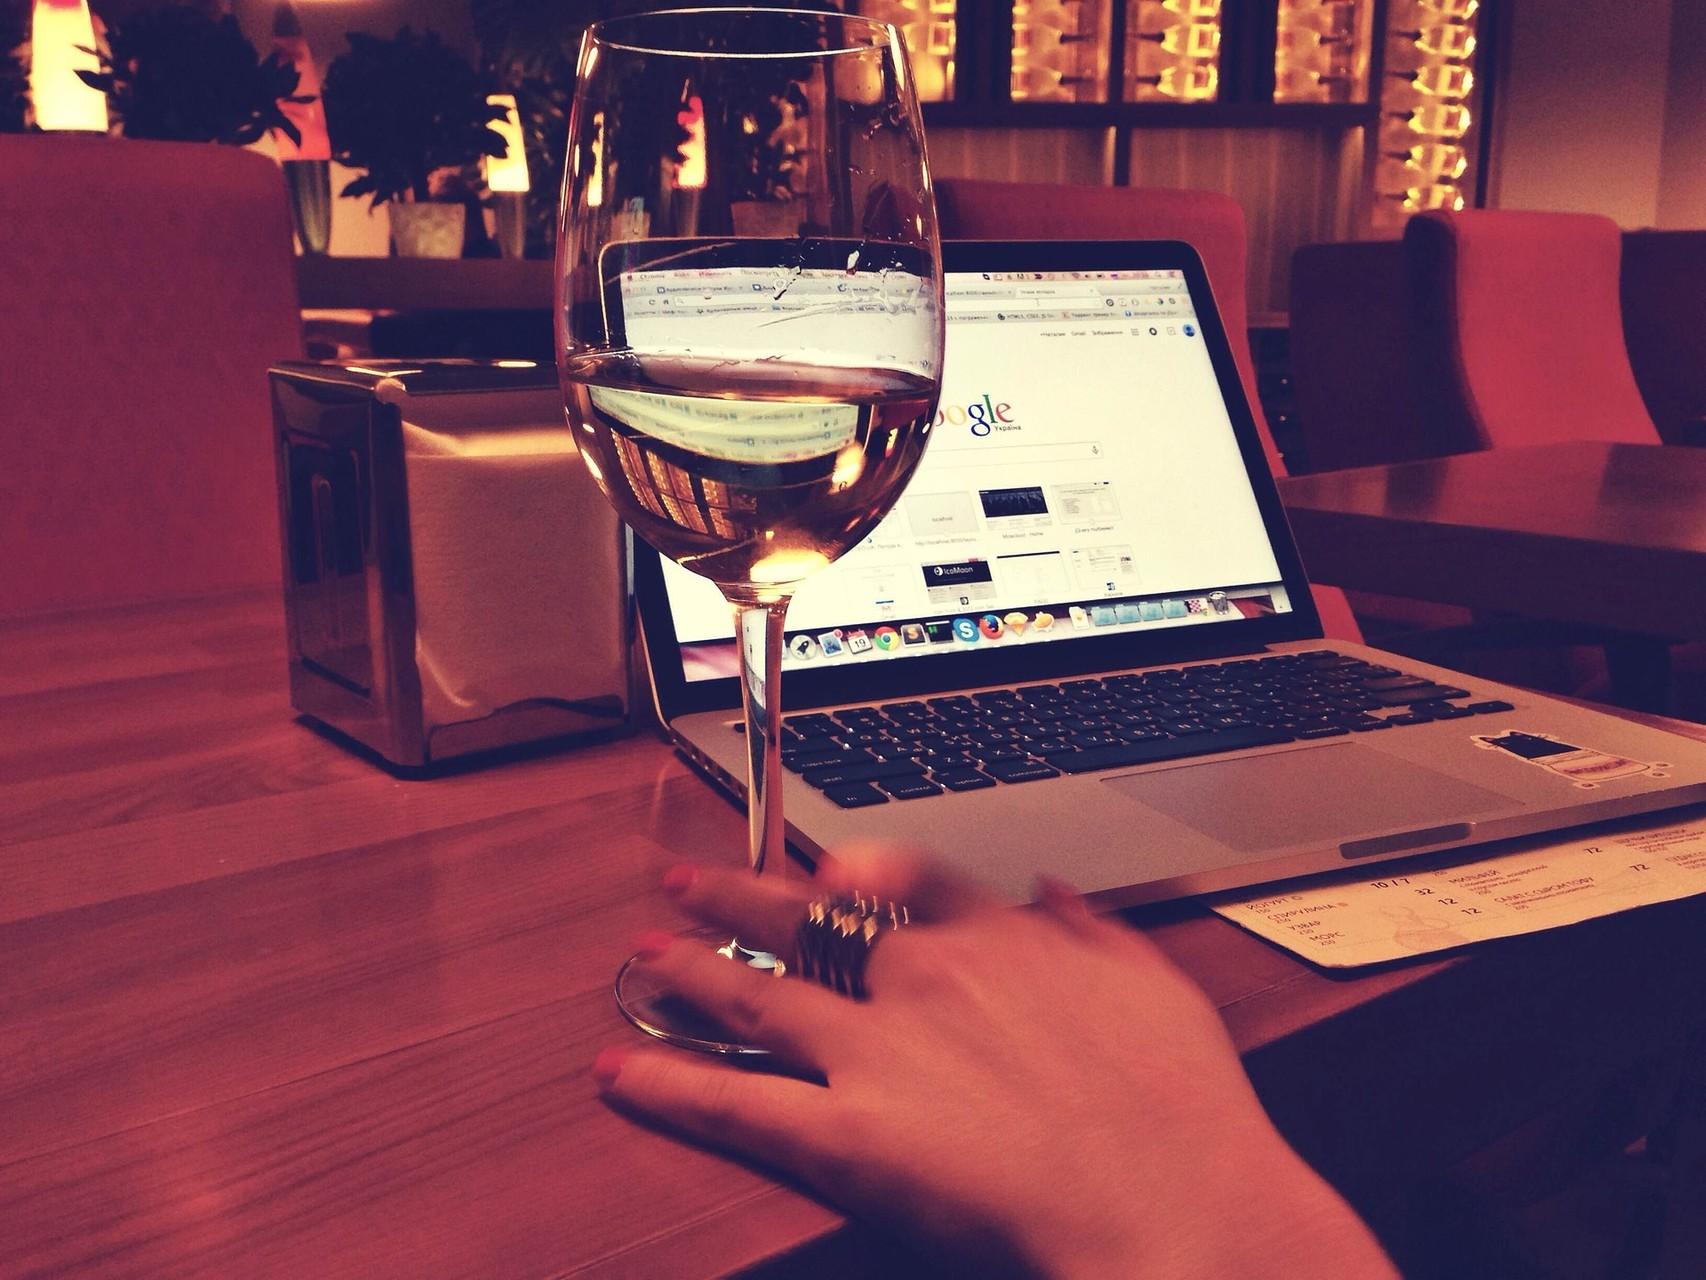 4. Verwende auch dein Laptop oder Computer wenn du arbeitest nur für die Arbeit. So kannst du deine Aufgaben schneller erledigen und hast am Abend Zeit in Ruhe zu surfen.